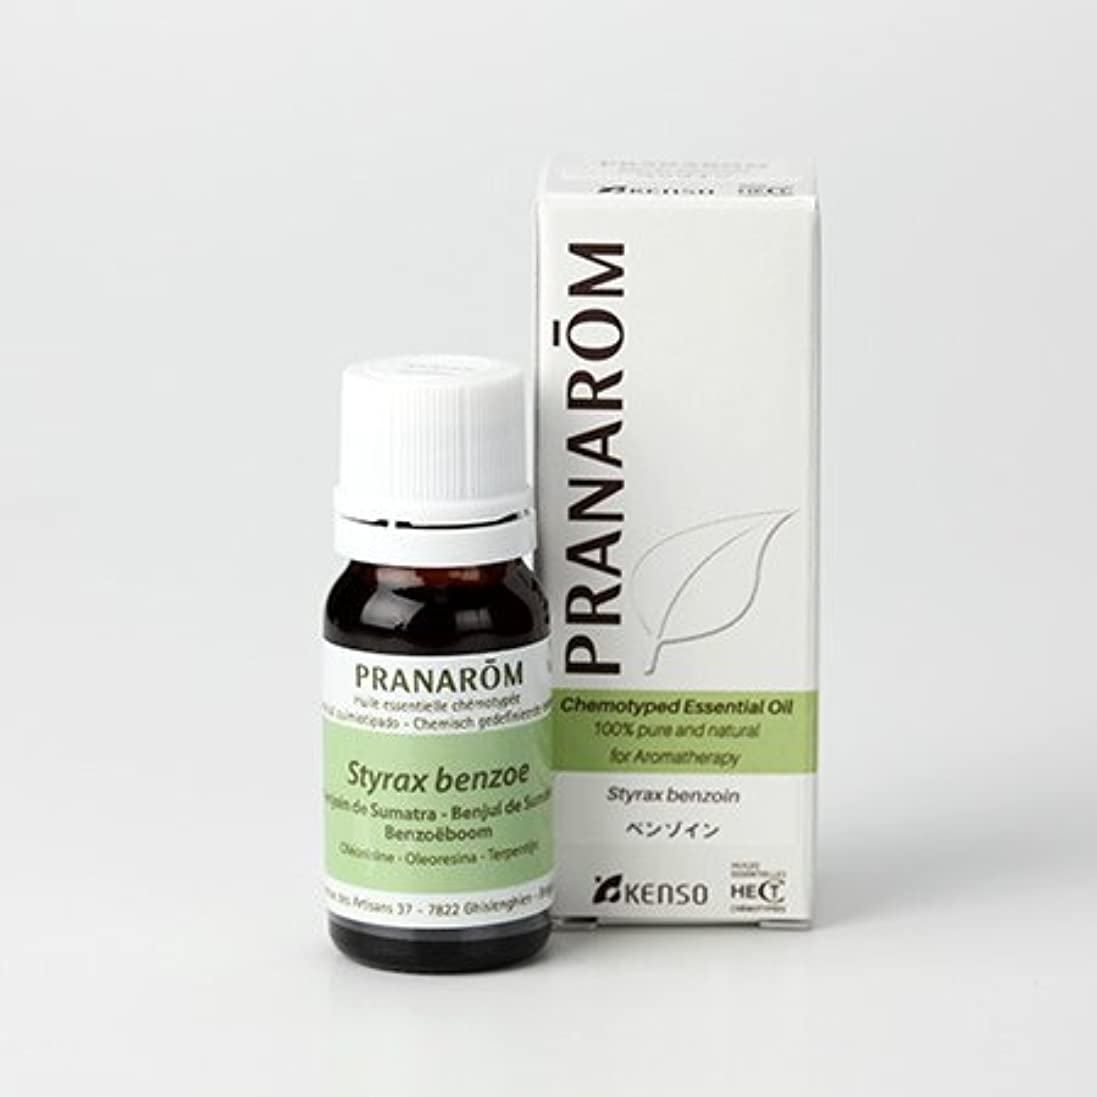 安心させる勢い差別的プラナロム エッセンシャルオイル べンゾイン 10ml